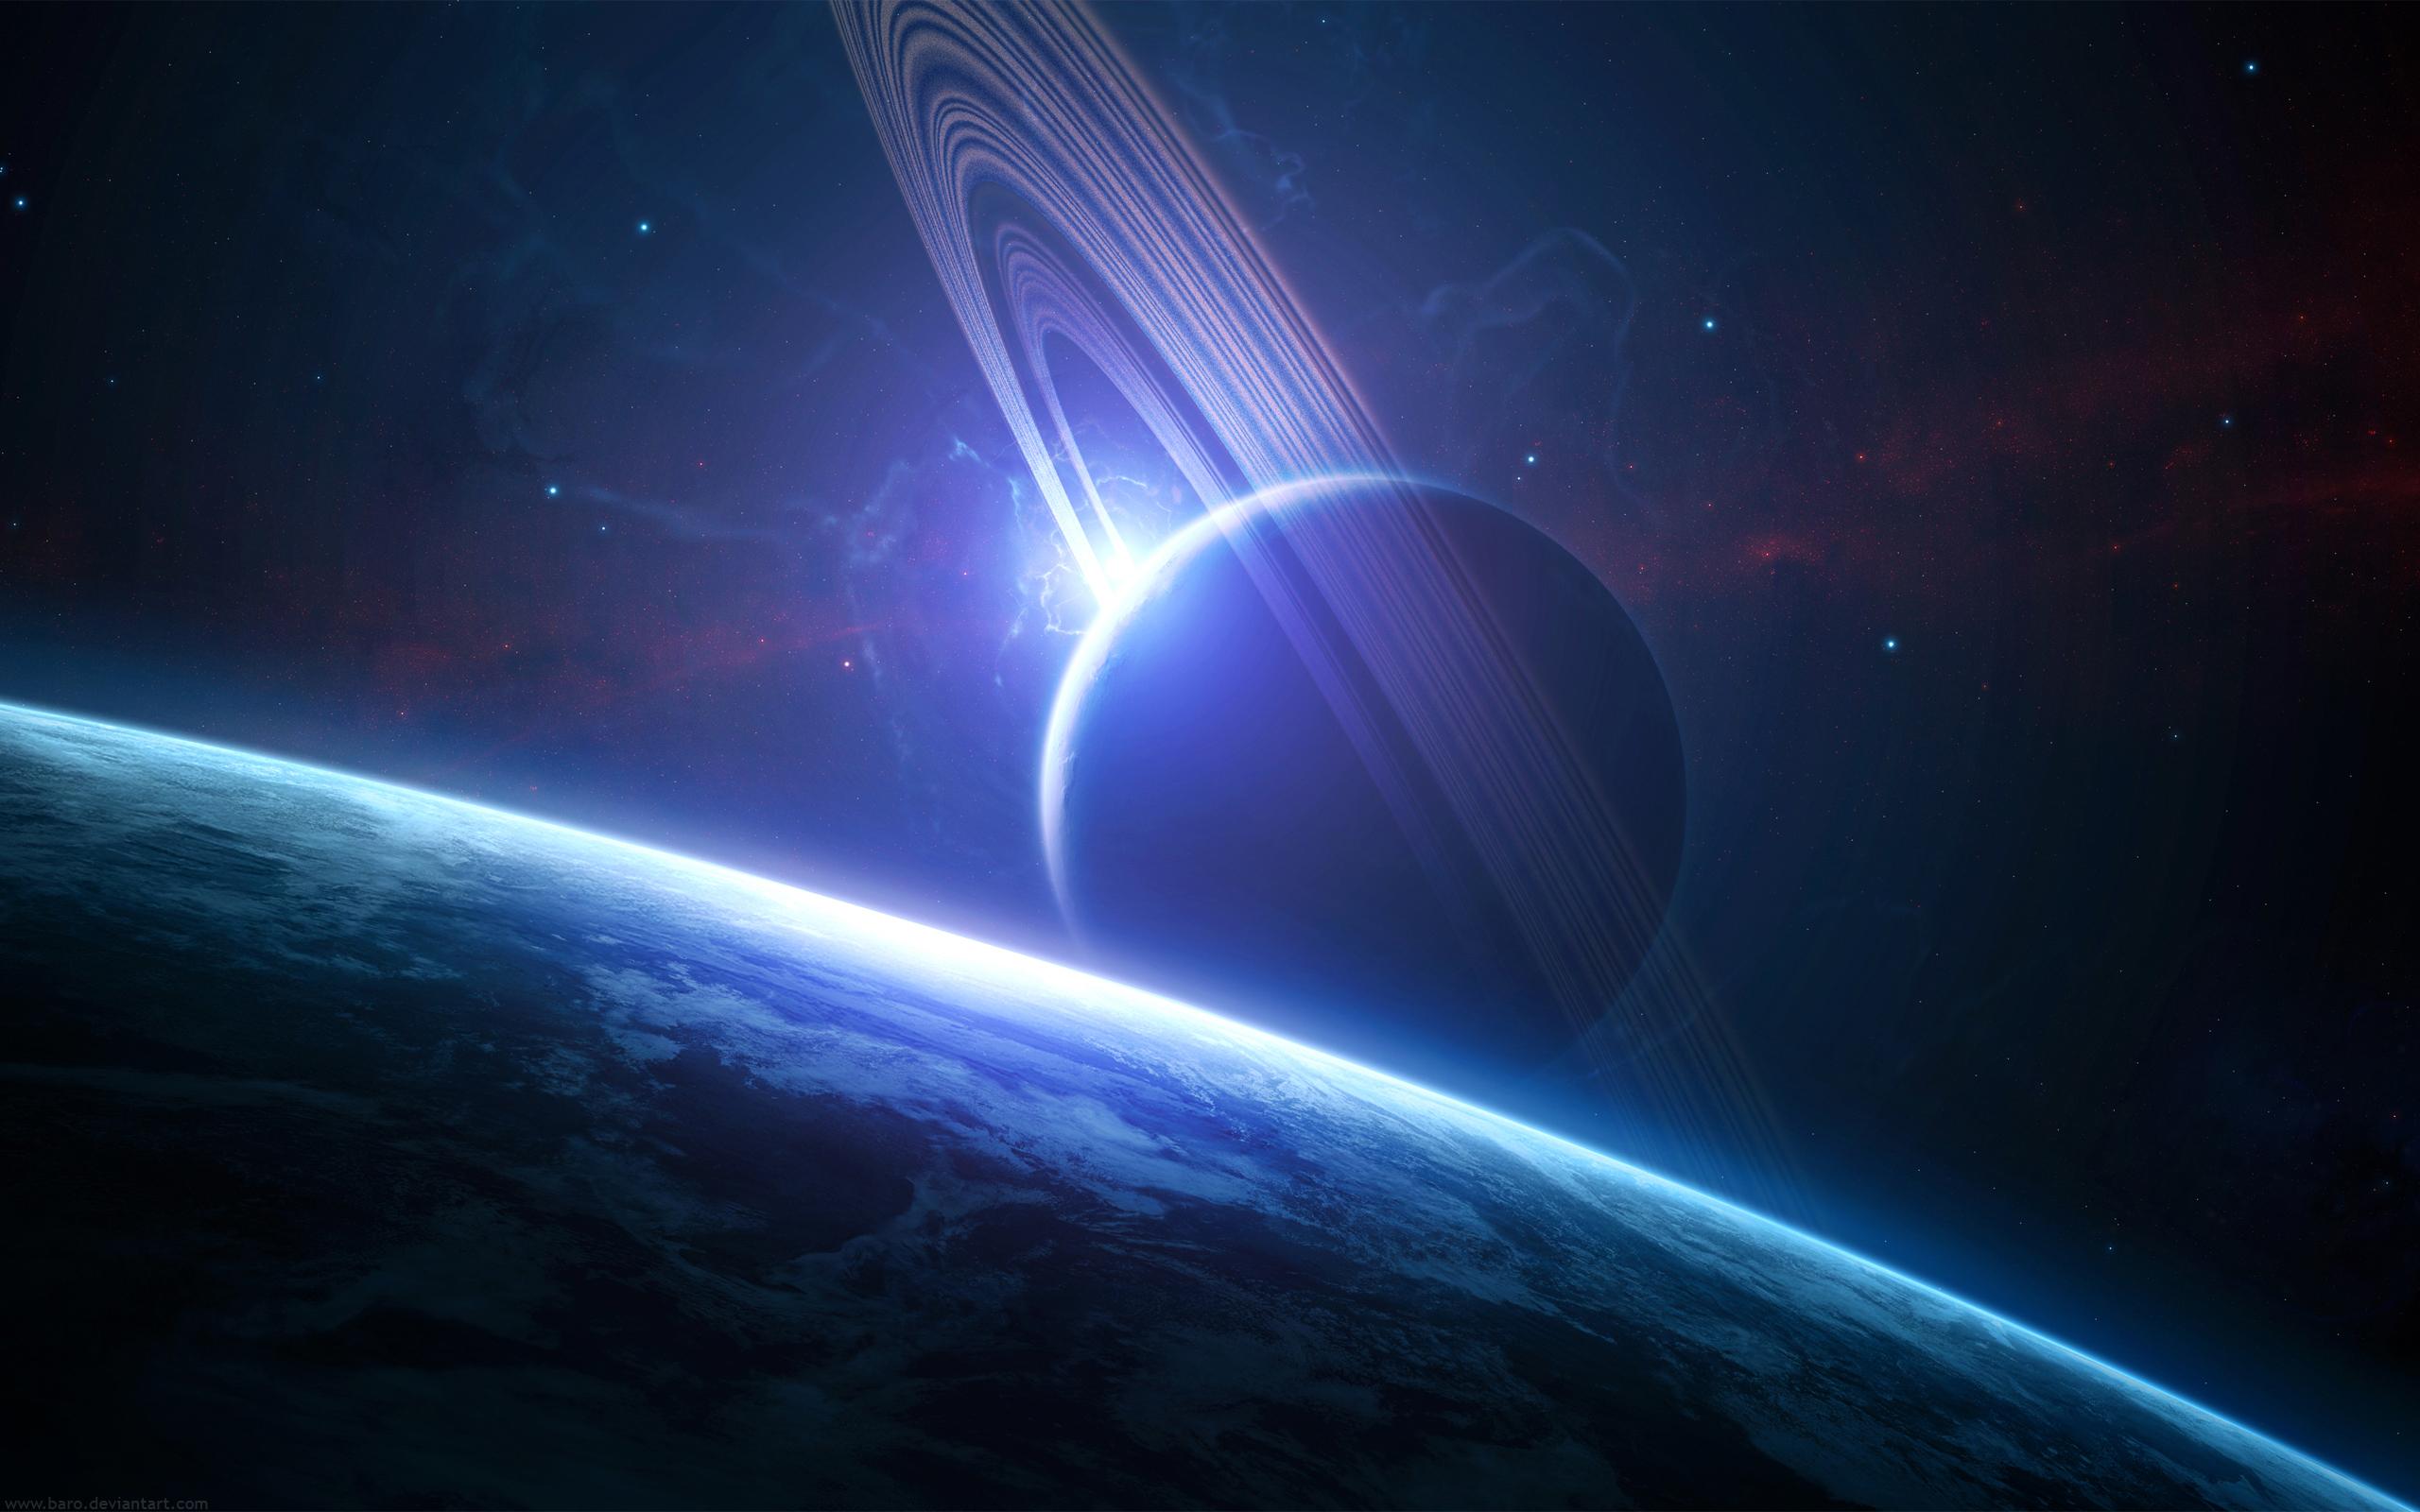 Кольцо Сатурна обои скачать